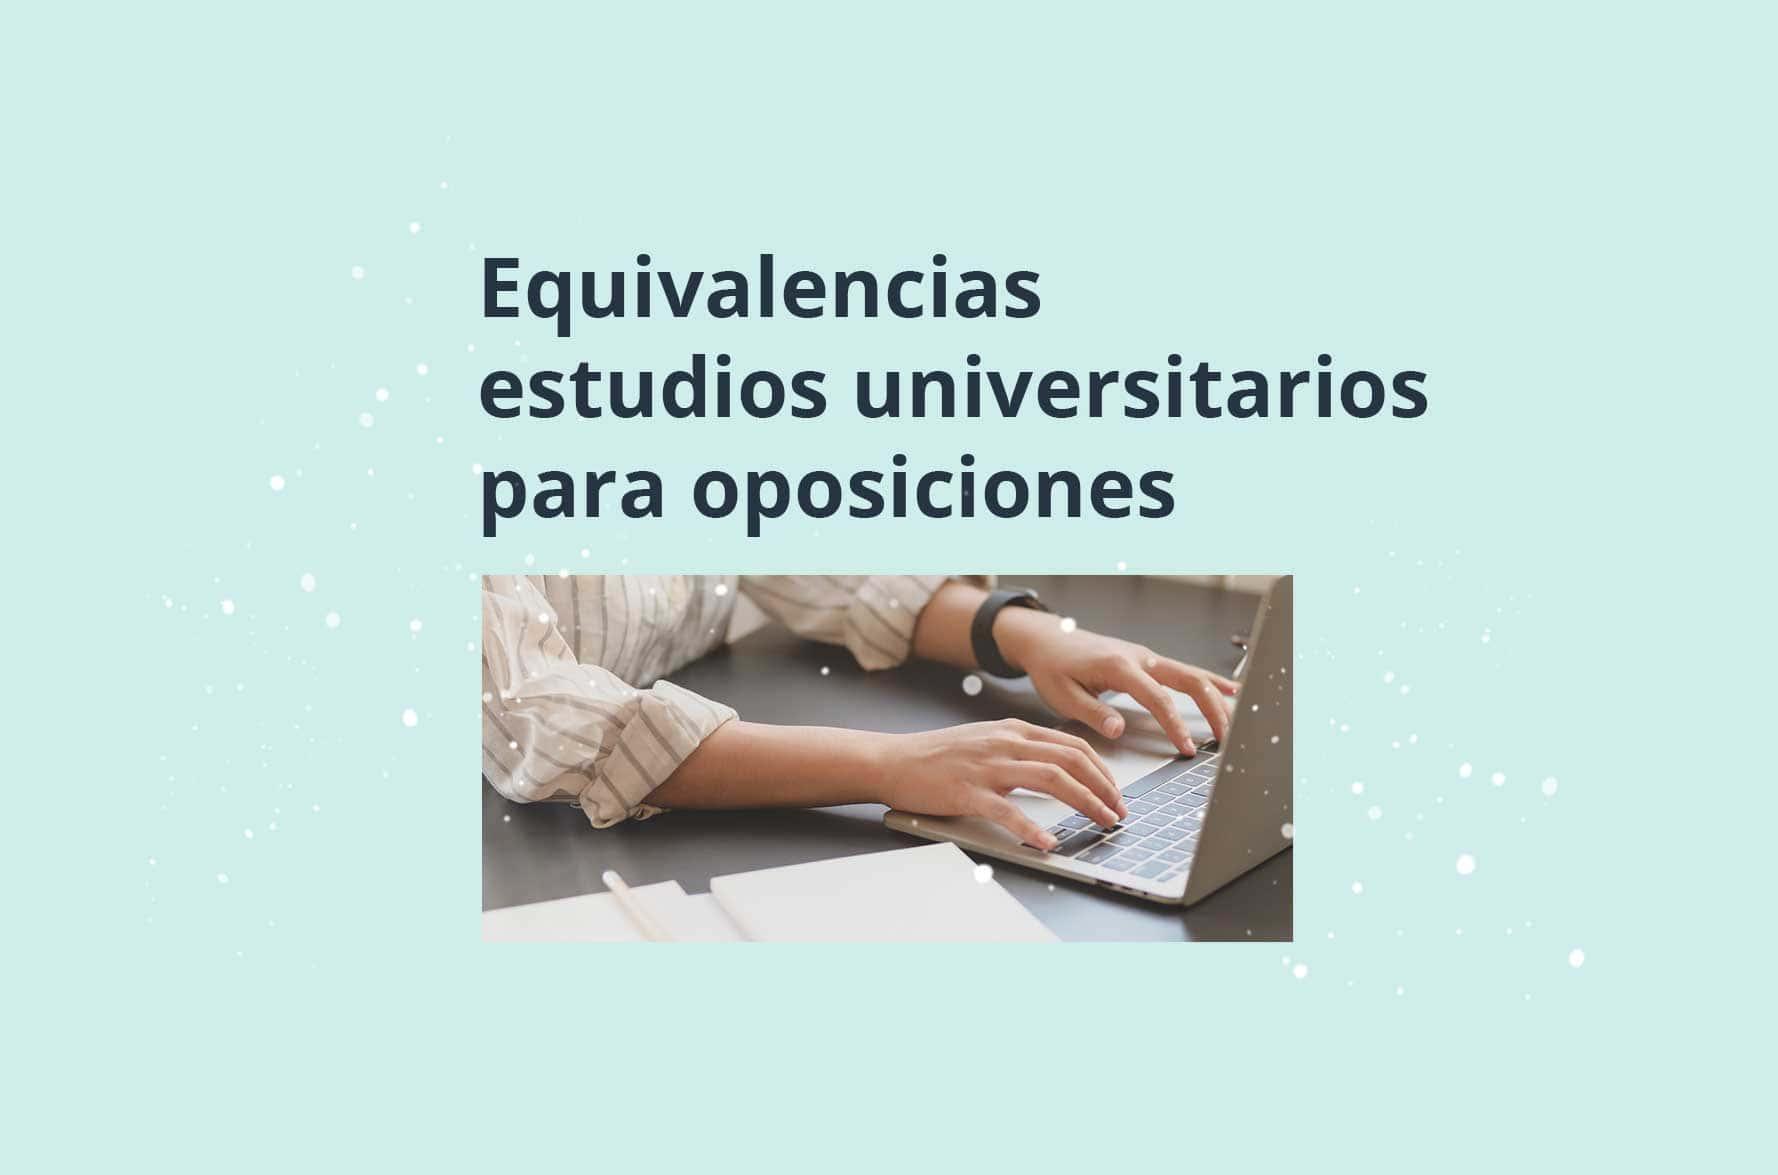 equivalencia-estudios-universitarios-gokoan